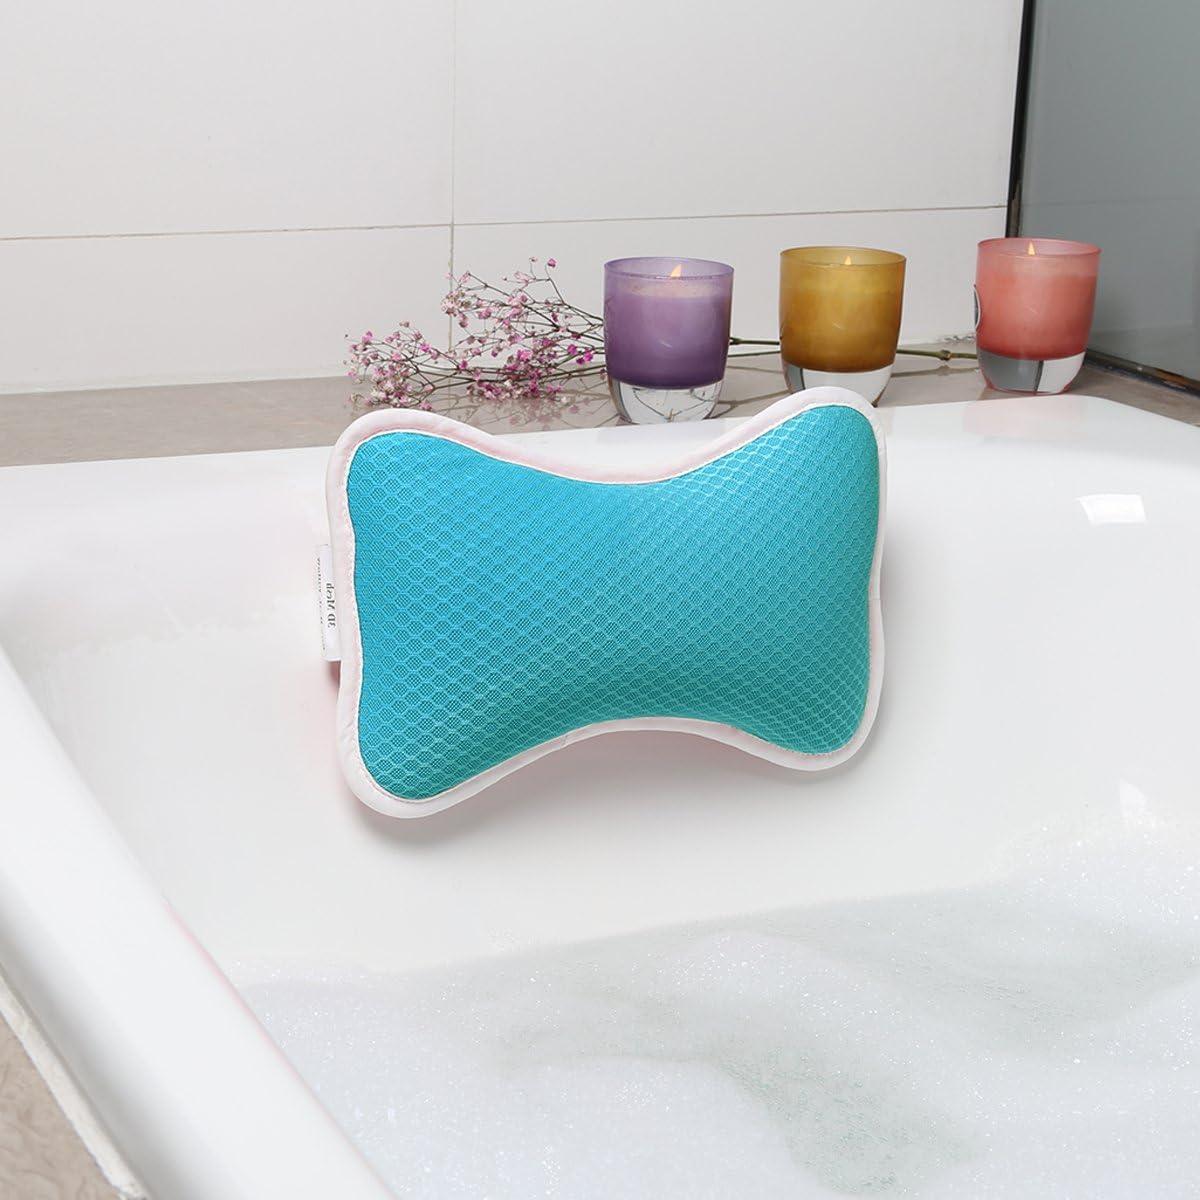 Petit Remplissage de 3D Maille pour Baignade Confortable Bleu Design Ergonomique Oreiller de Baignoire Antid/érapant avec Ventouses 2 Pcs Cou Support Oreiller de Bain de Relaxation